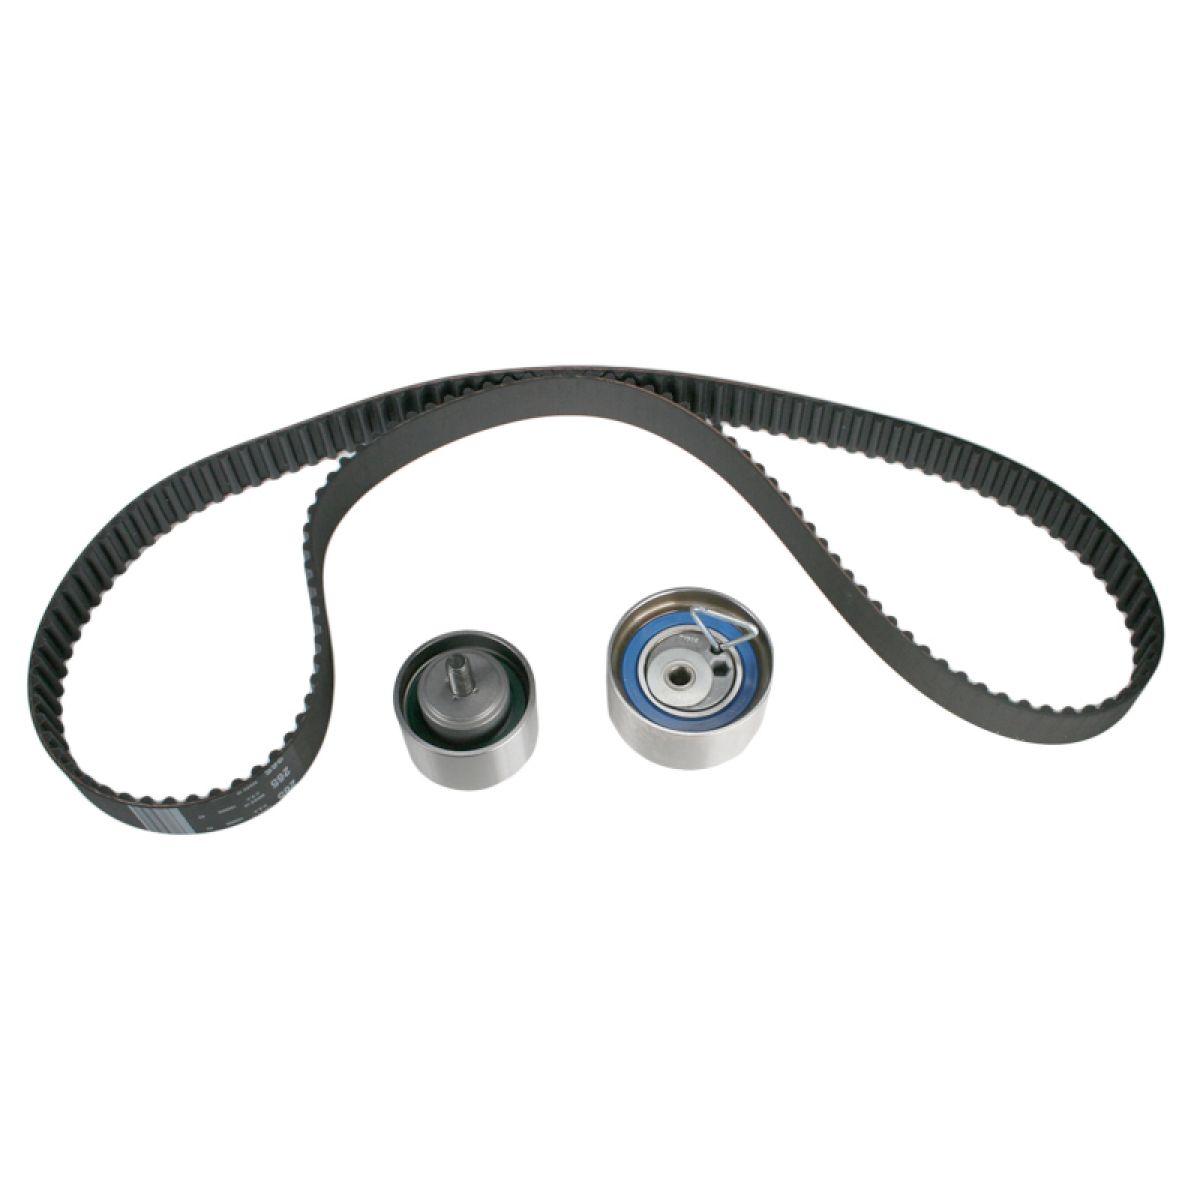 timing belt w tensioner pulley kit set for chrysler dodge. Black Bedroom Furniture Sets. Home Design Ideas